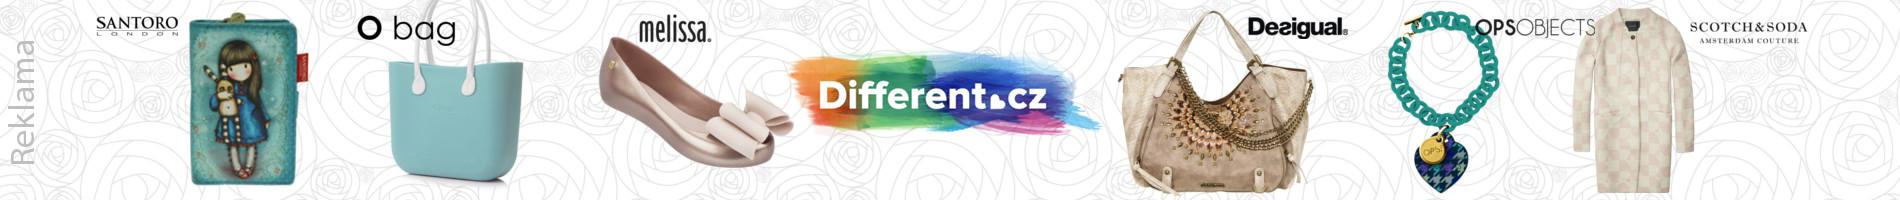 Different.cz - nejoblíbenější český módní e-shop